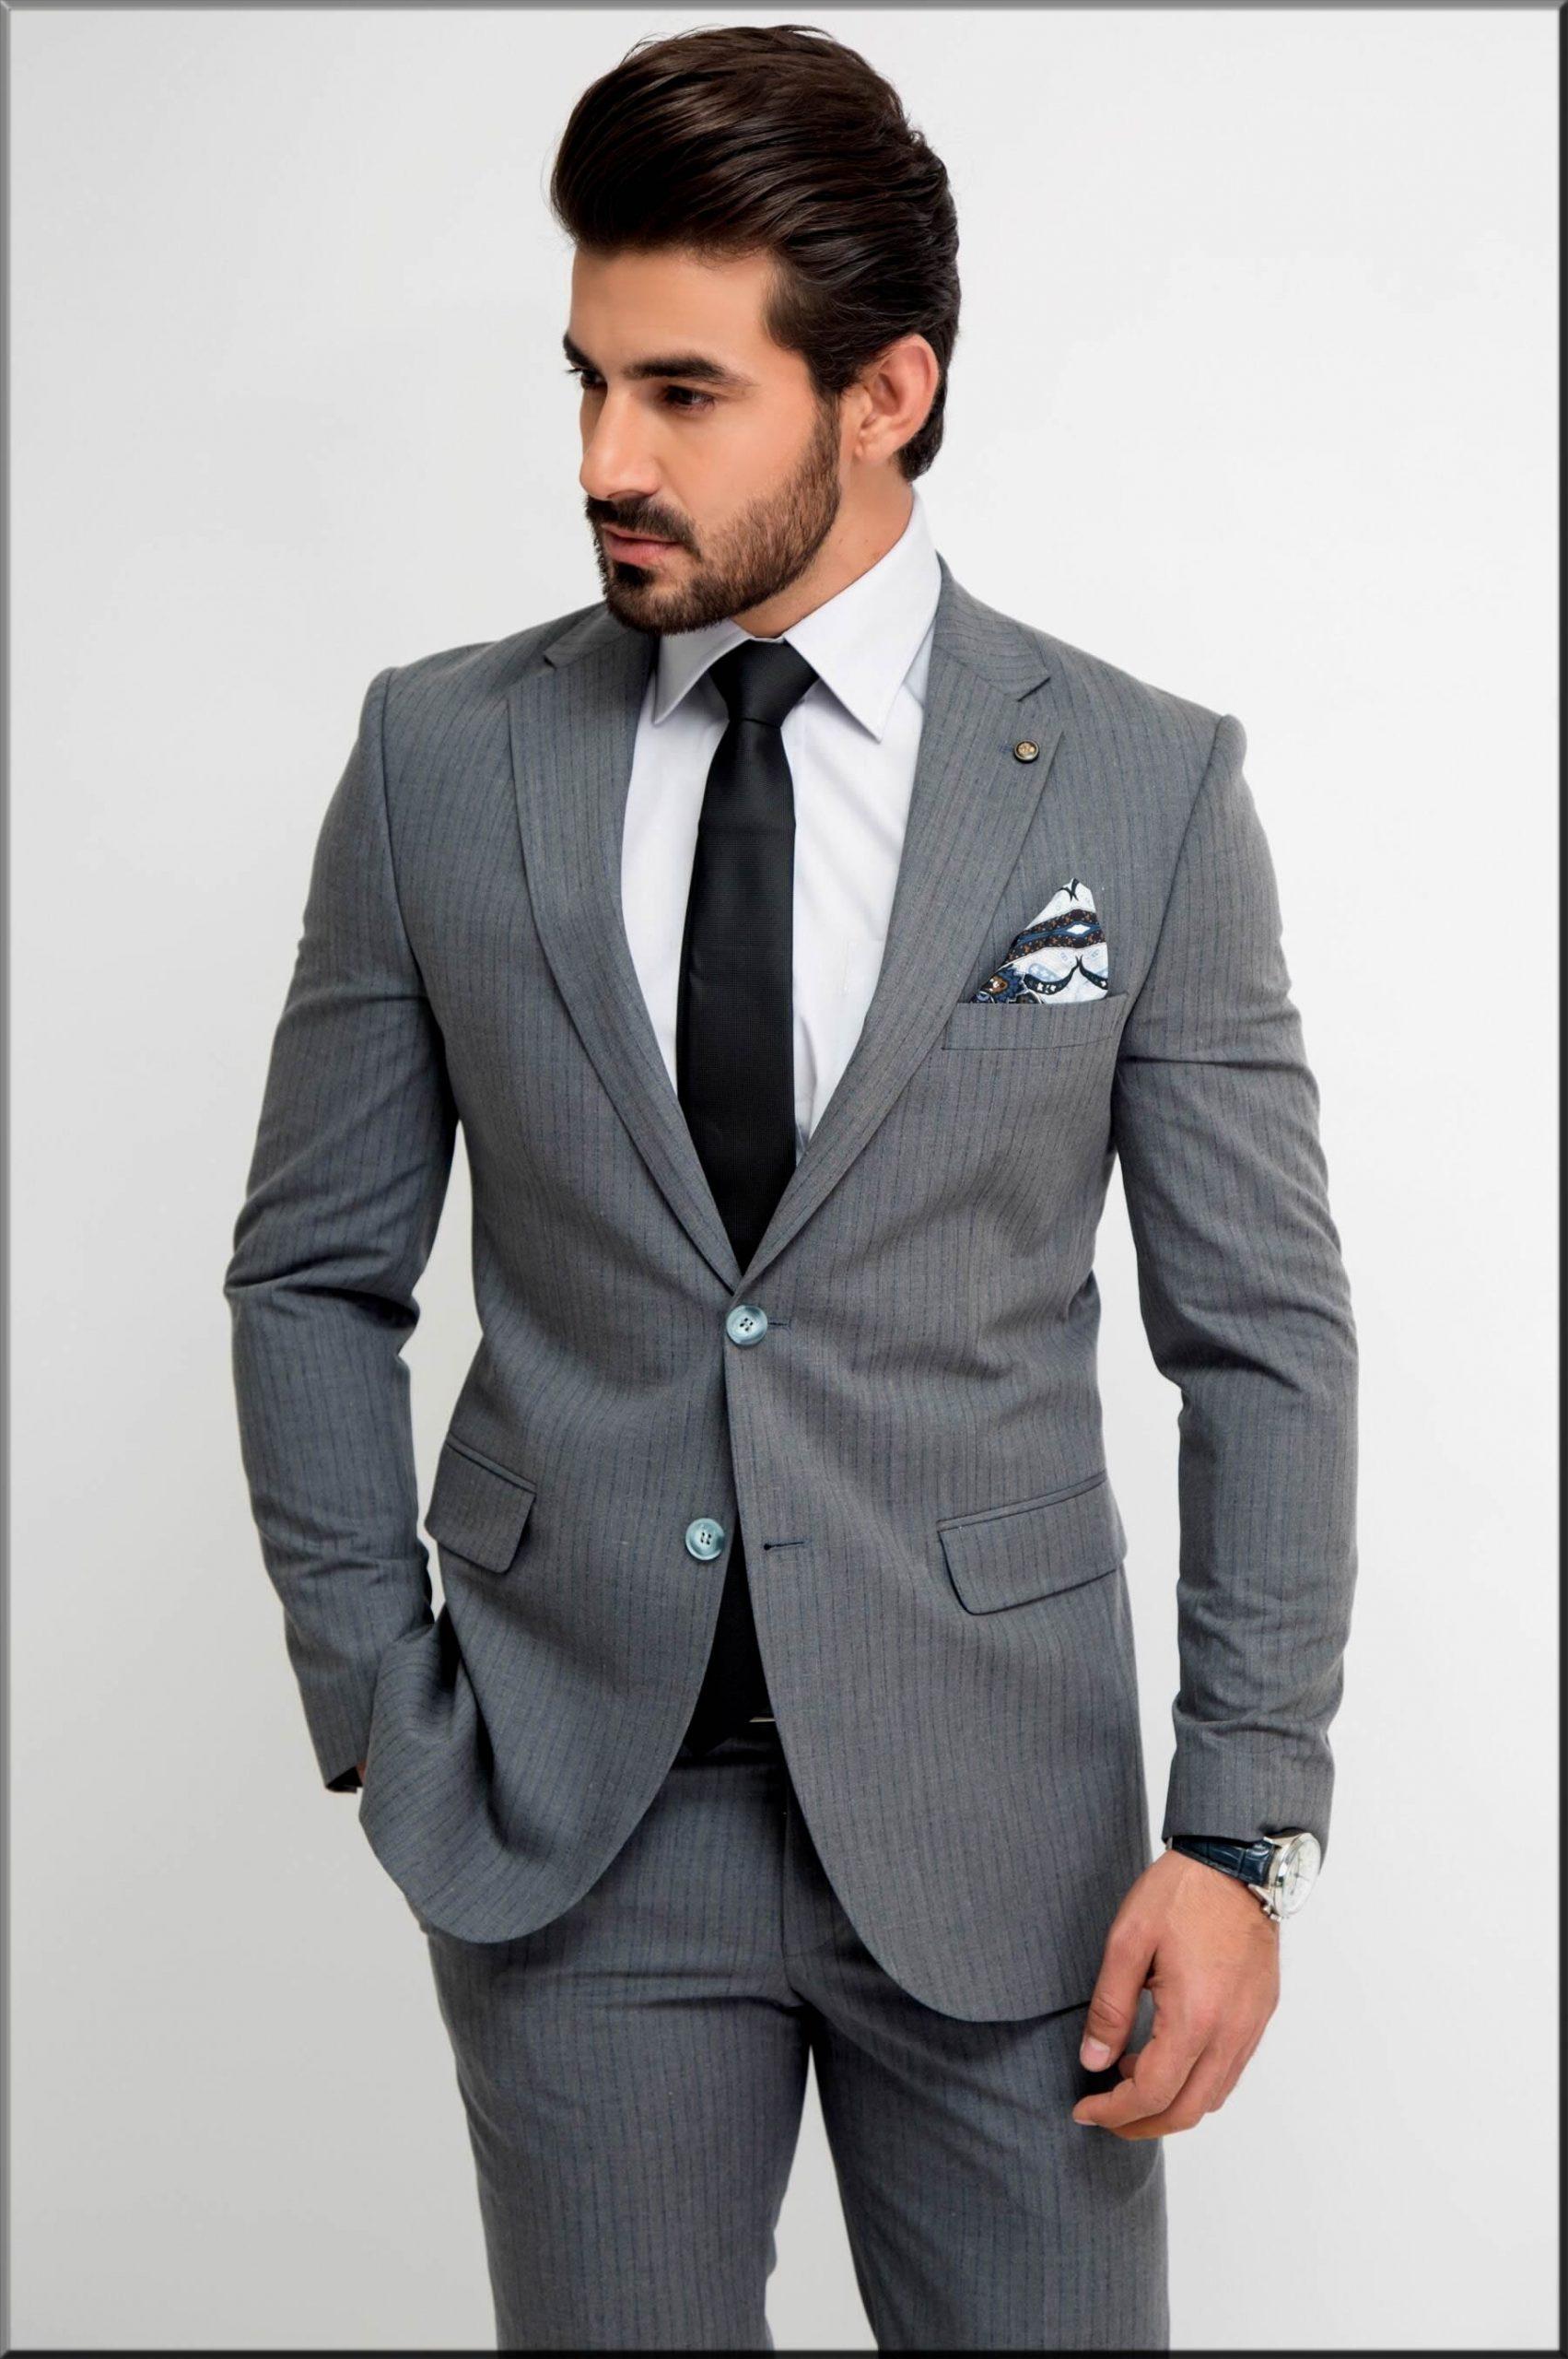 men in ravishing grey colour suit